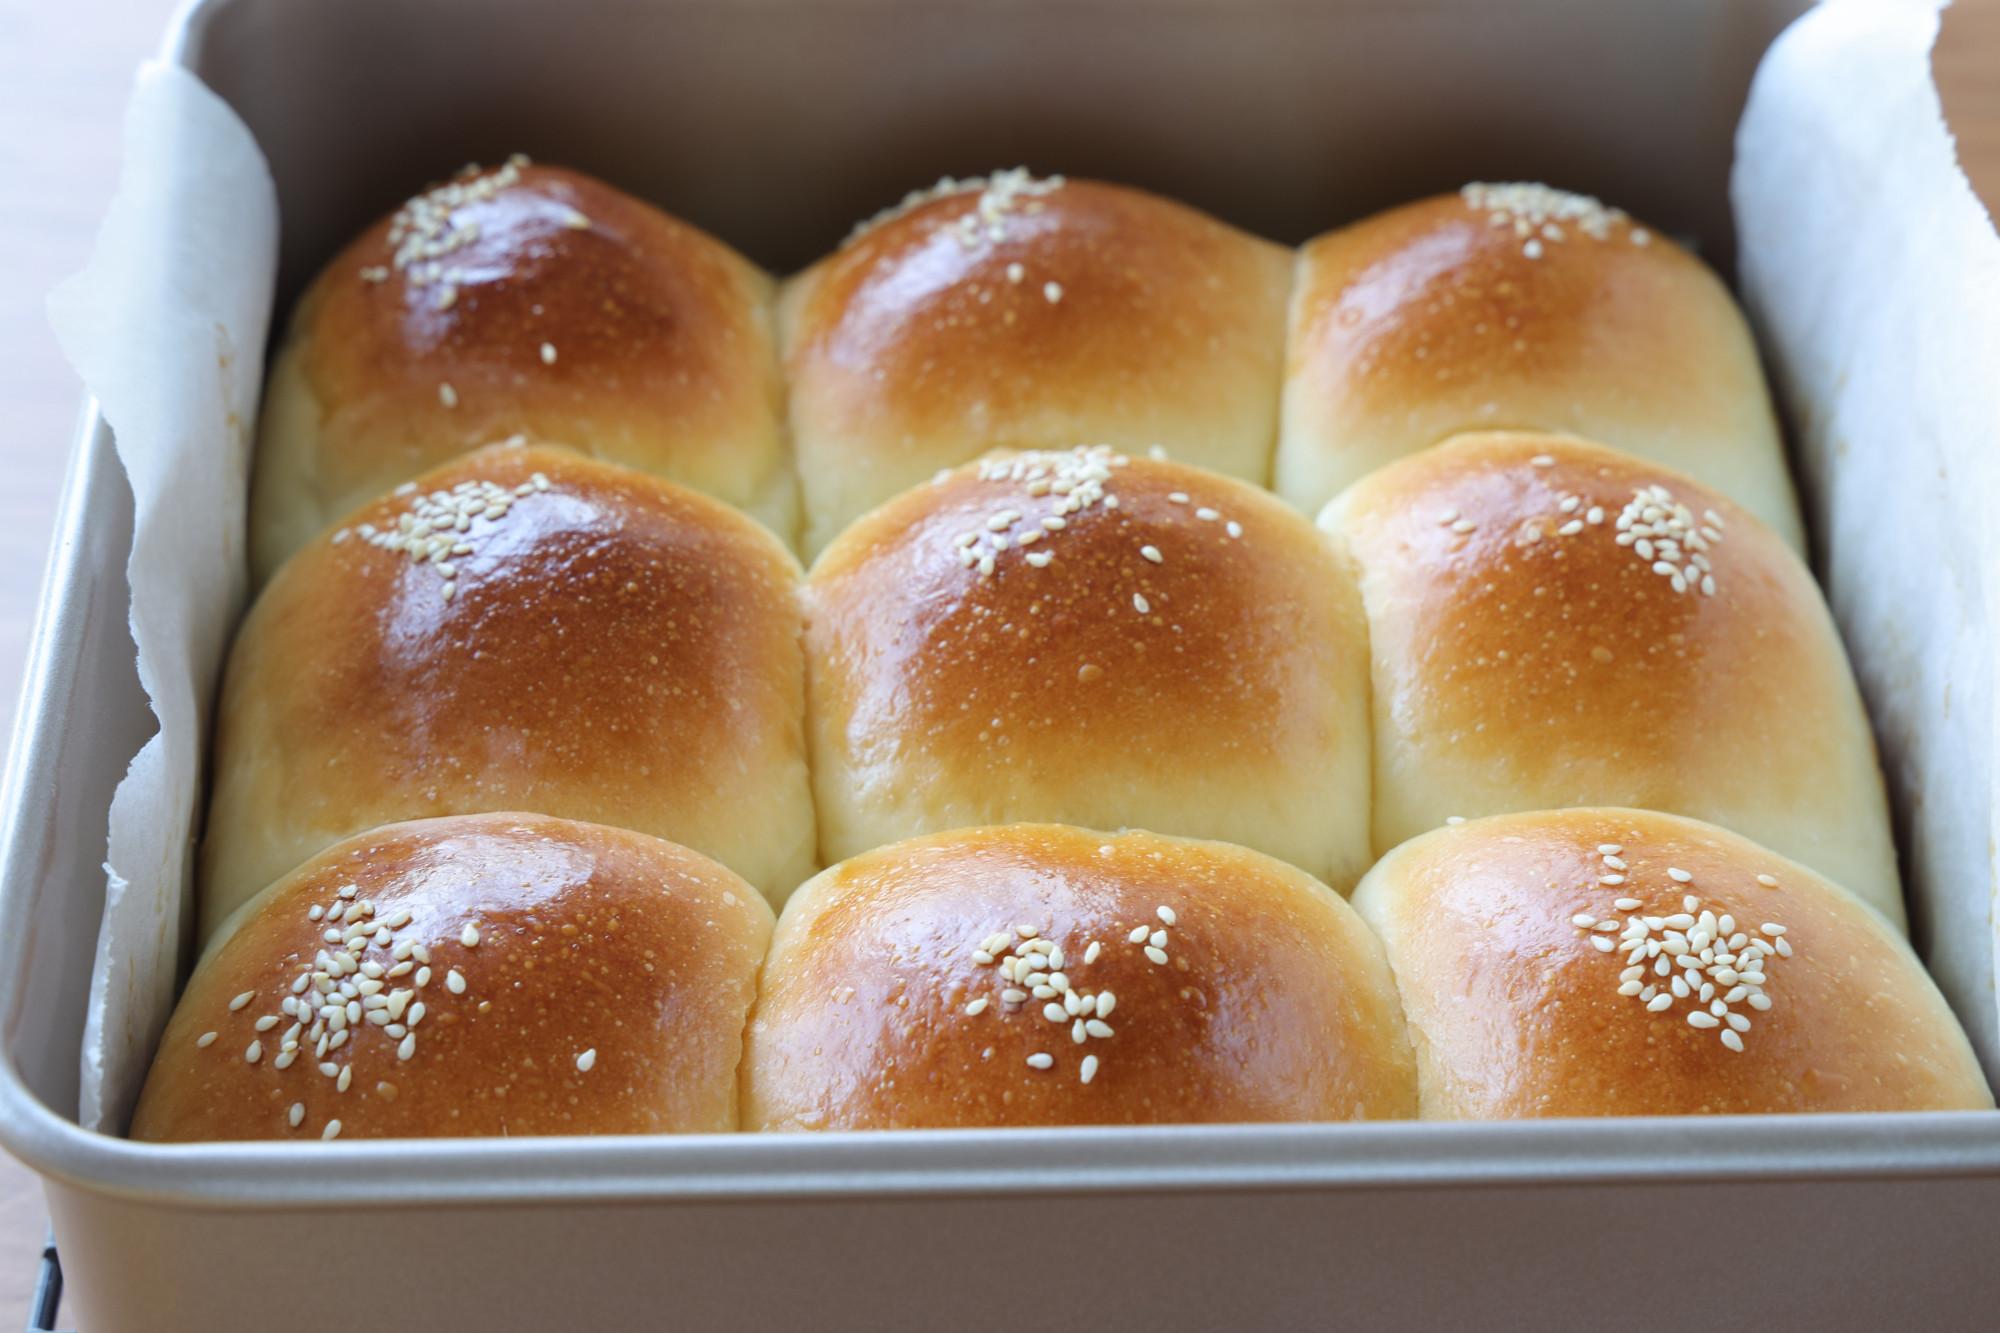 適合新手做的麵包,簡單0失敗,鬆軟拉絲香甜細膩,比買的更好吃